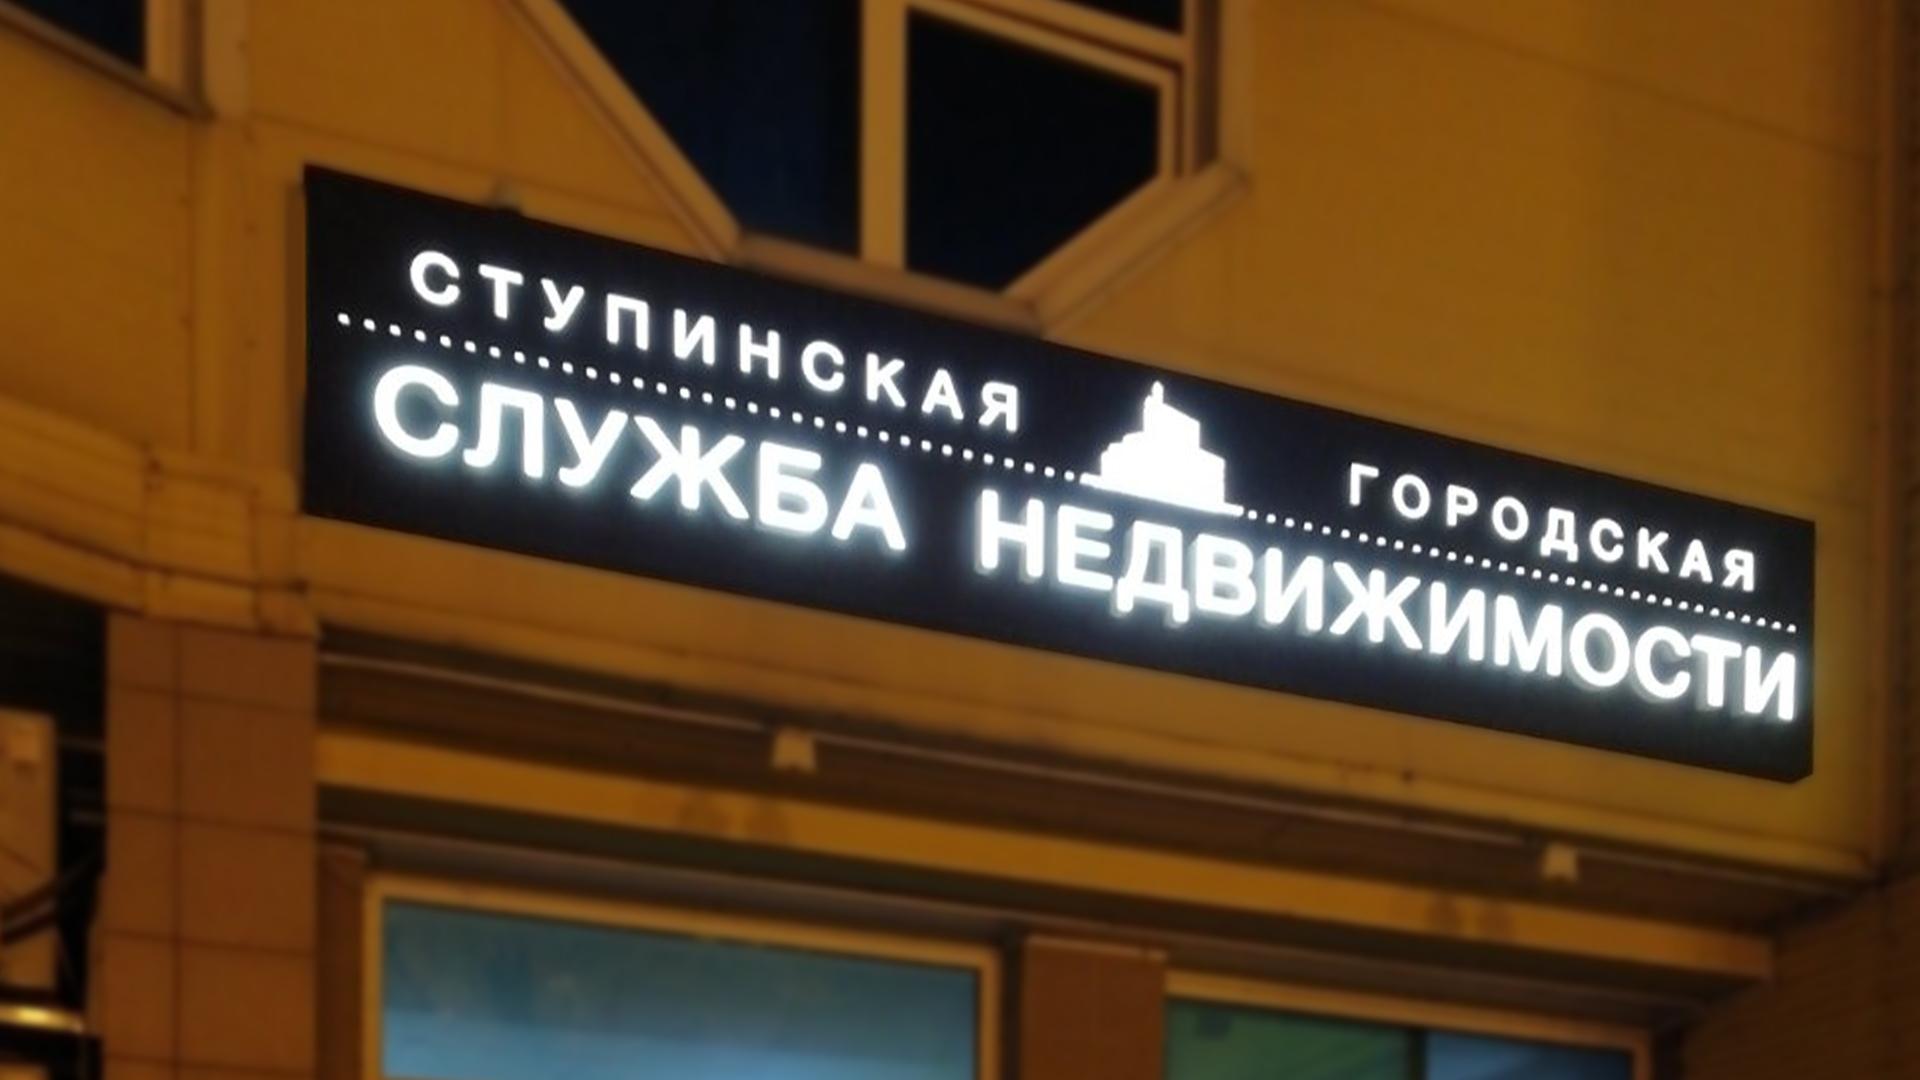 Световая вывеска для «Ступинской городской службы недвижимости»